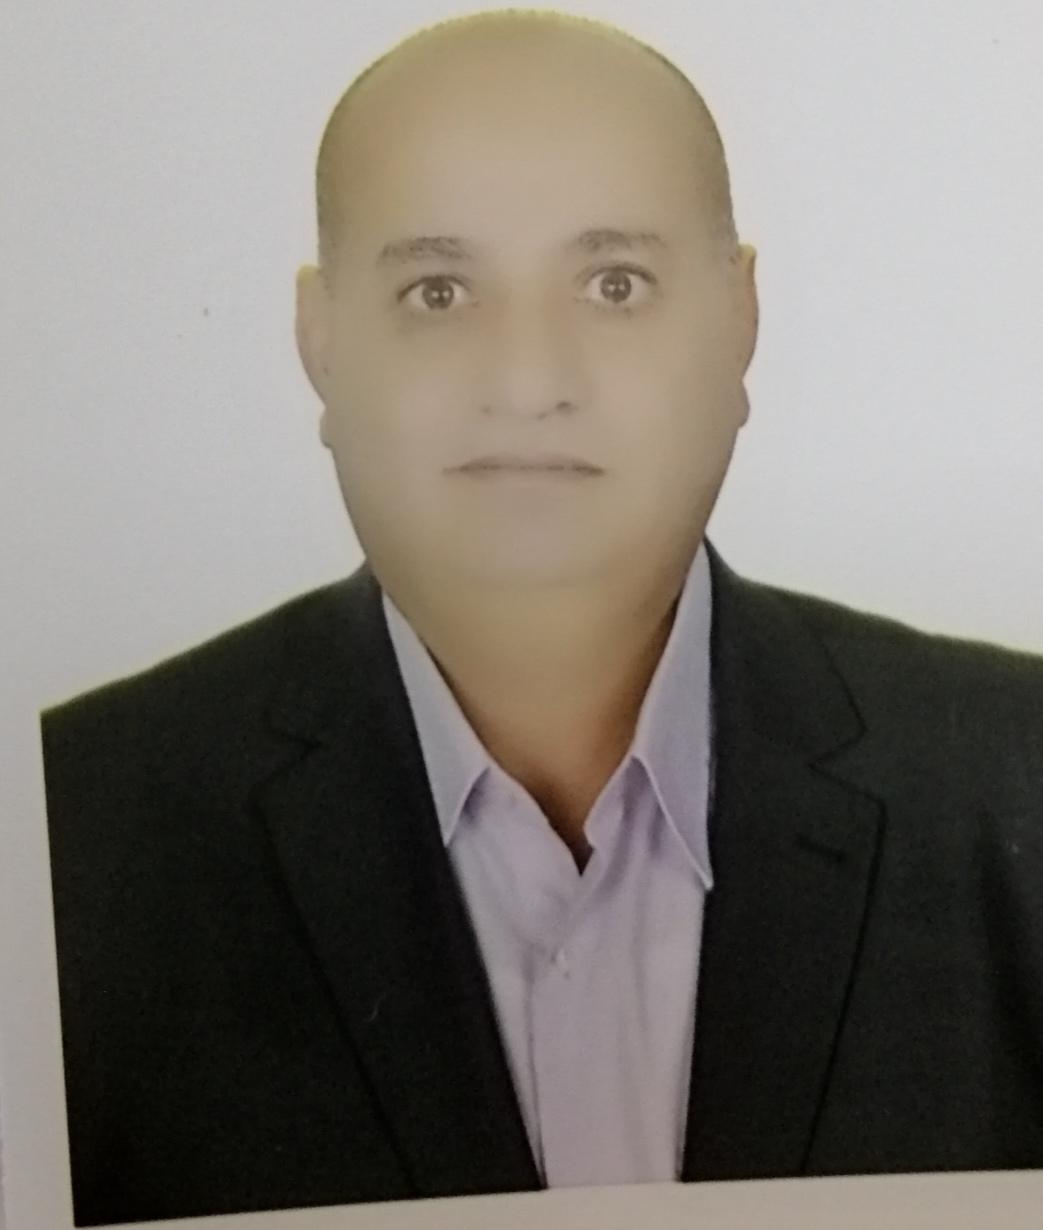 العقيد المهندس عارف الطراونه